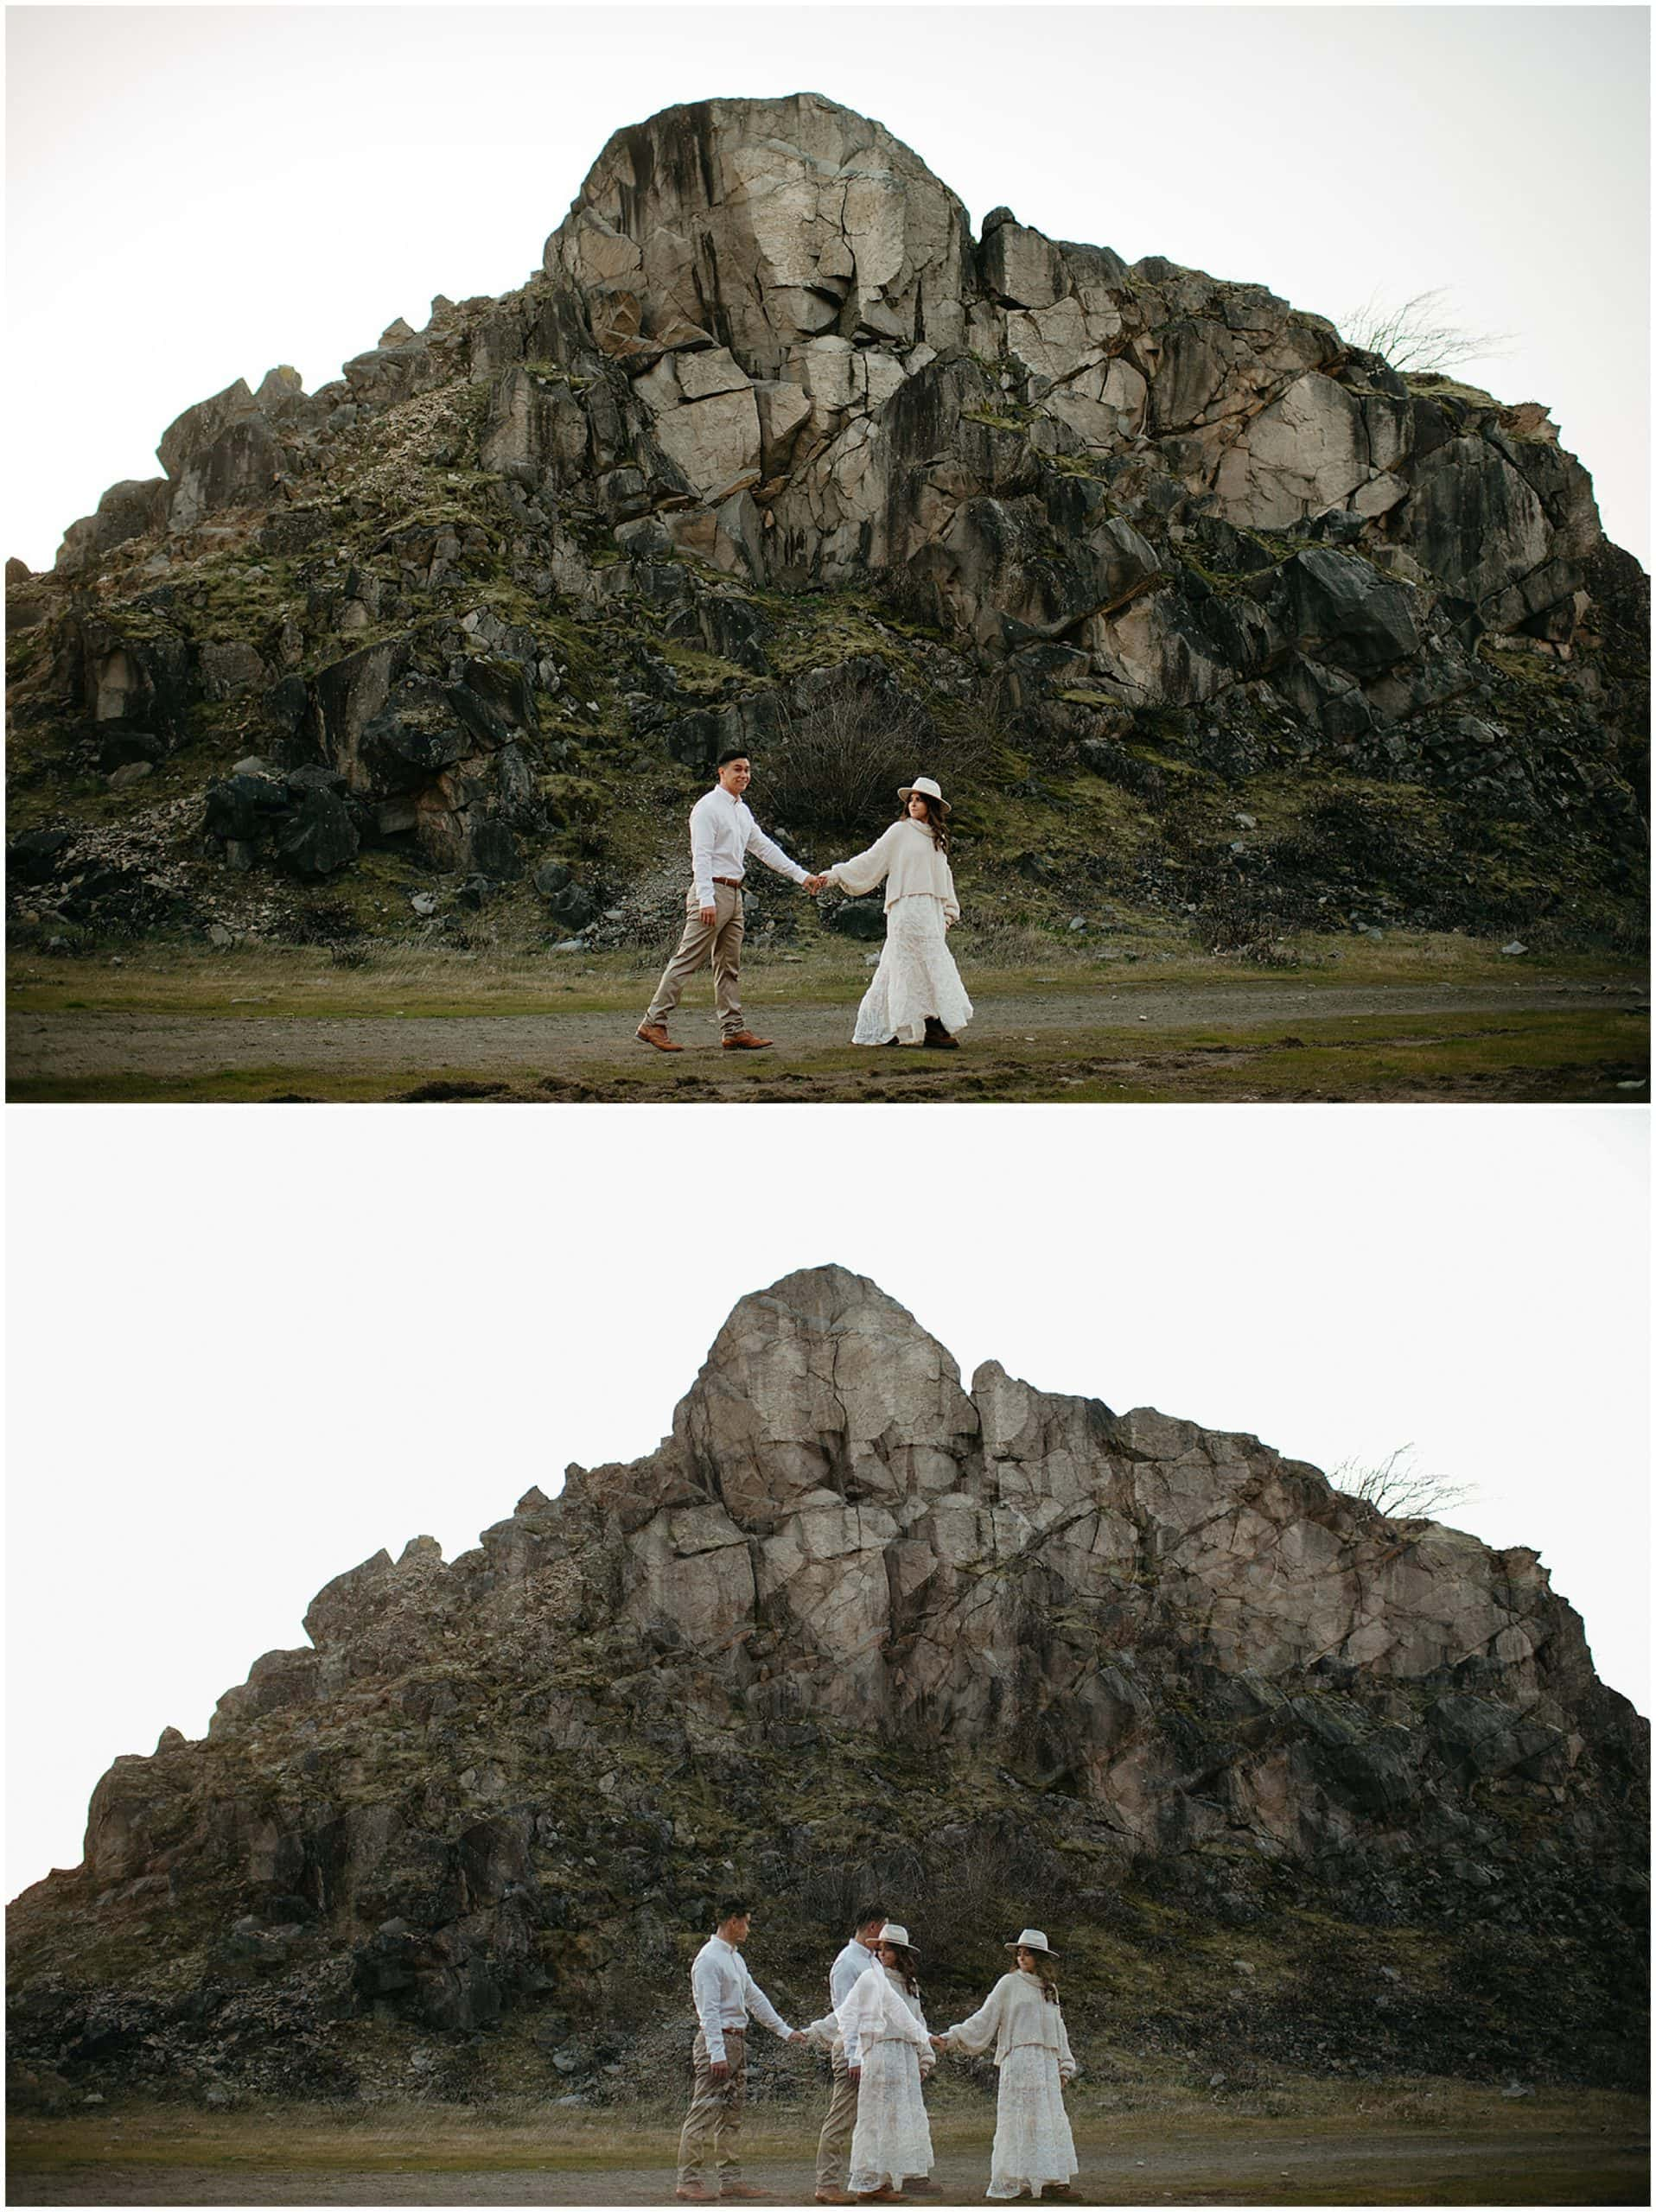 couple walking by rocks